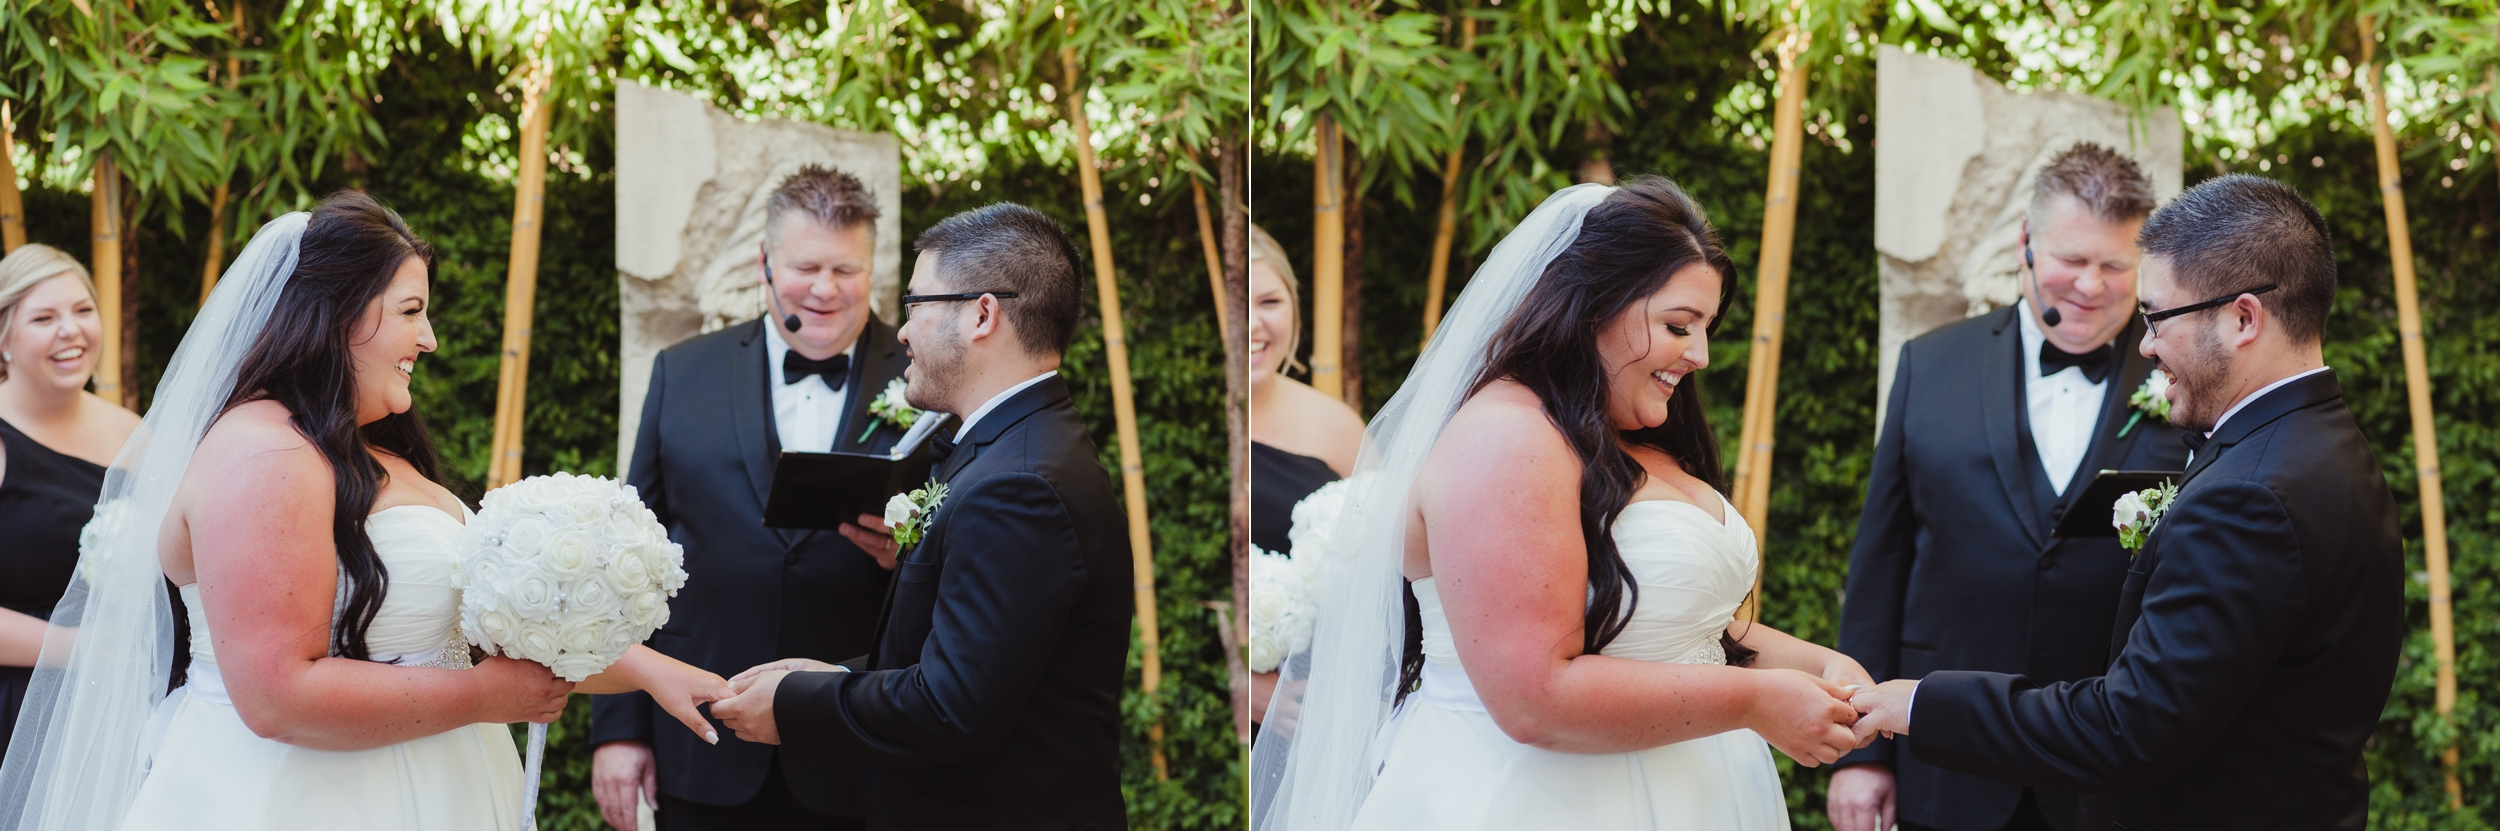 25-bardessono-yountville-napa-wedding-vivianchen-220_WEB.jpg